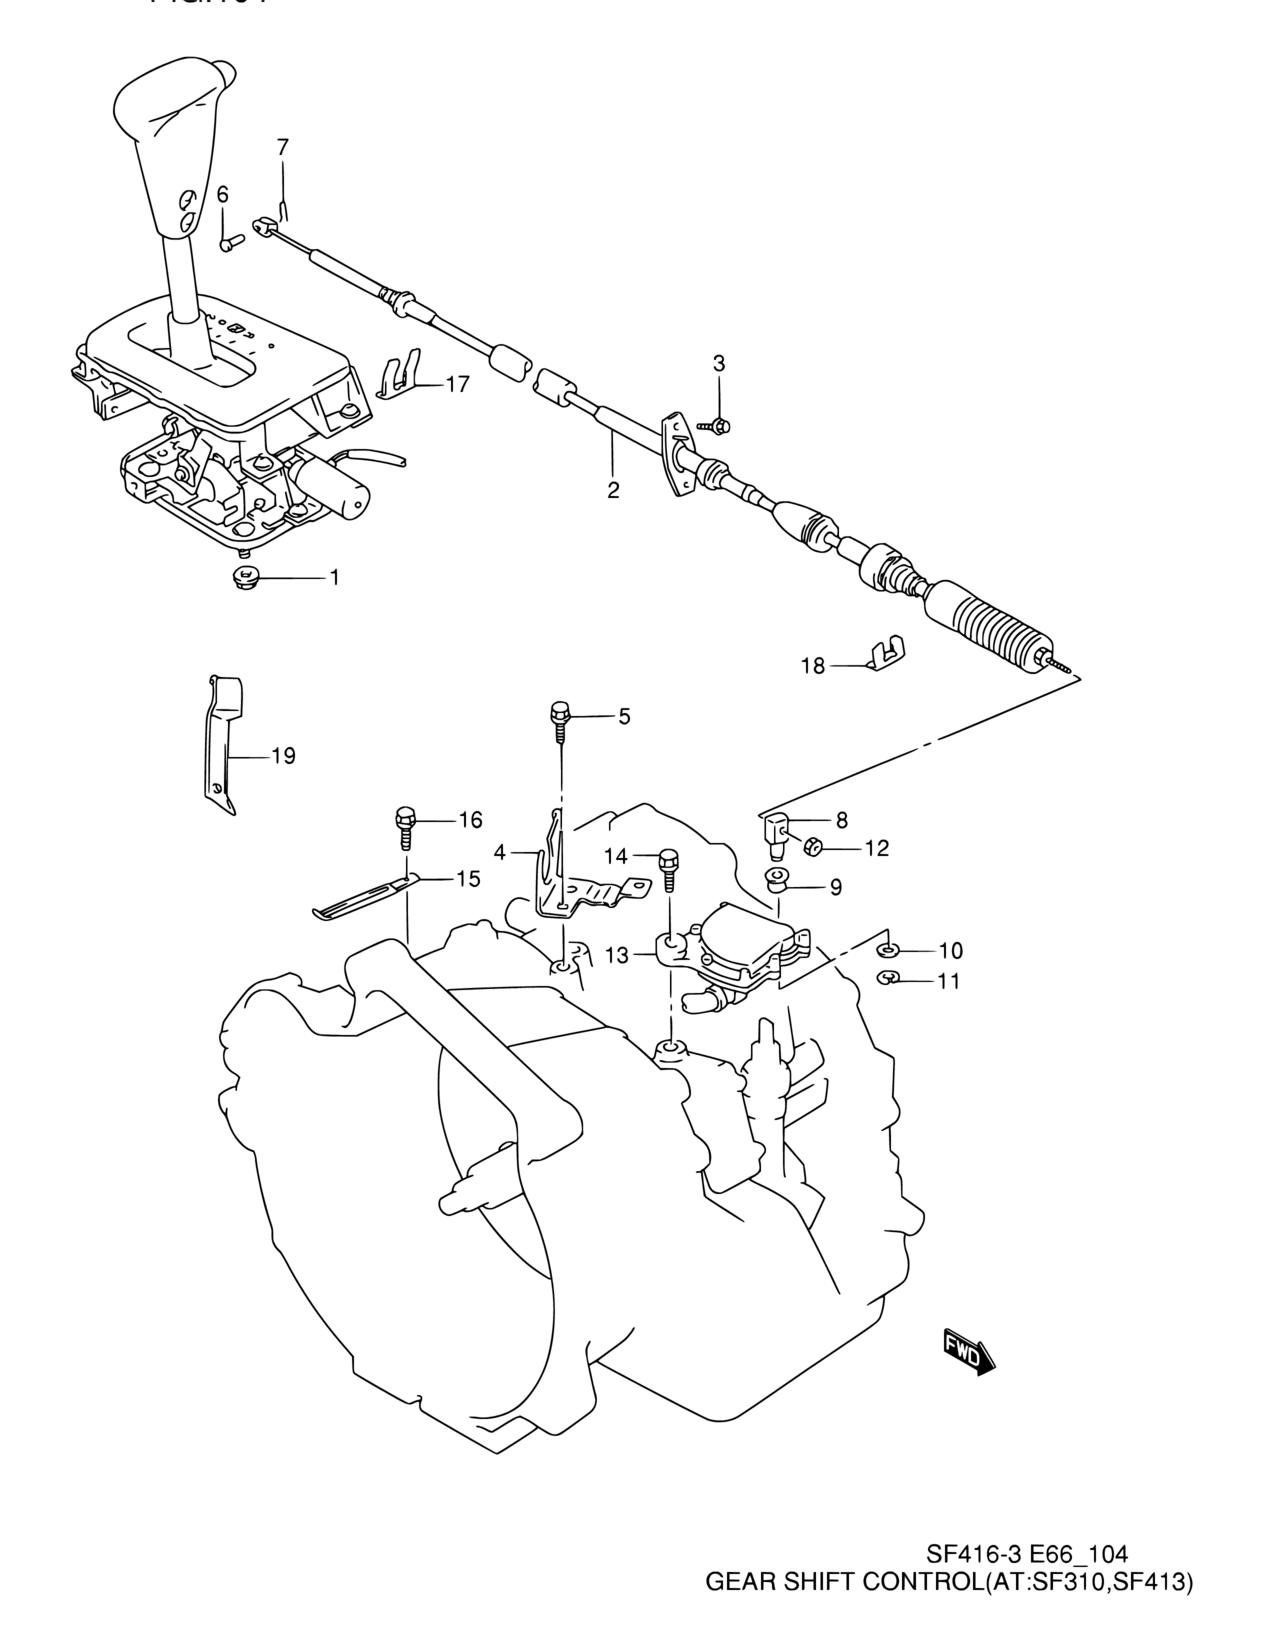 ... Array - all regions swift sf310 3 magyar e66 transmission 104 gear rh  ...